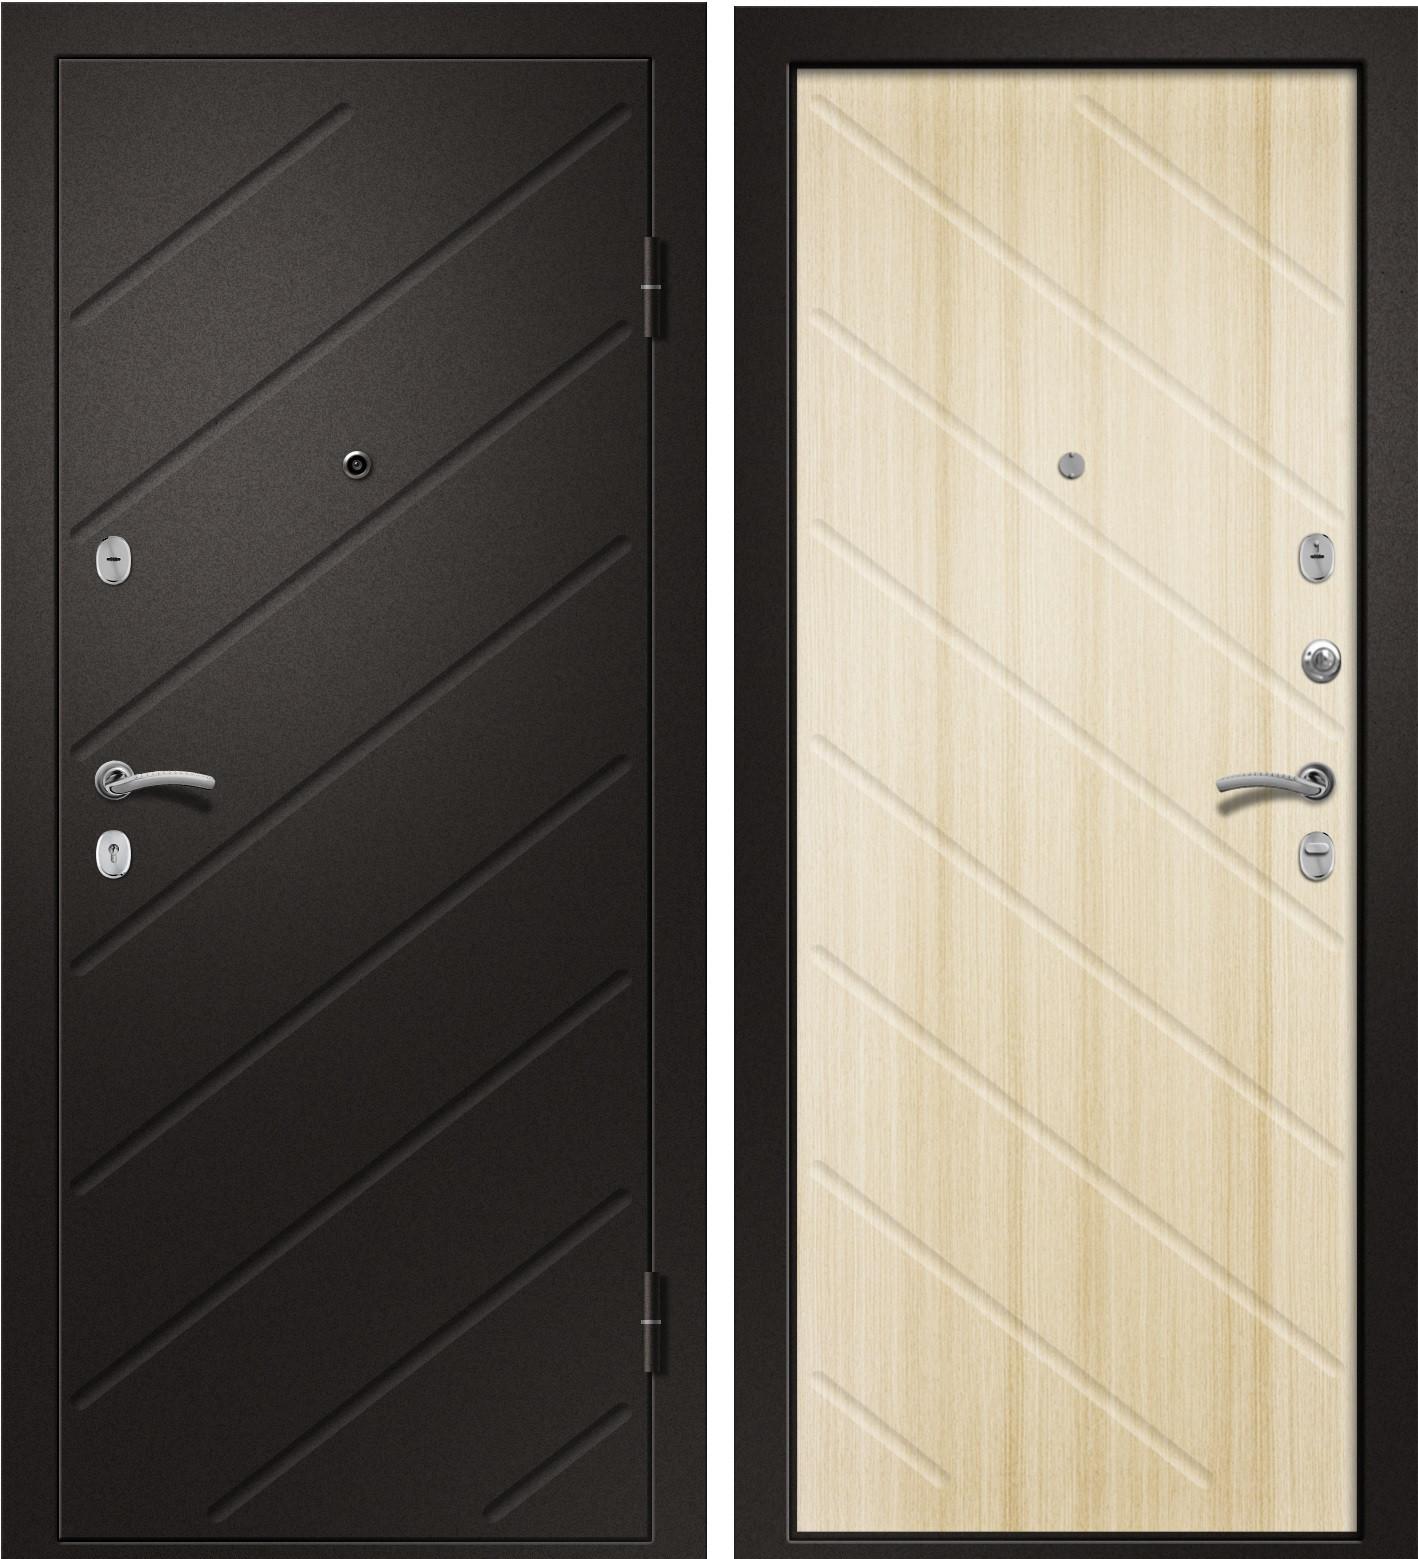 Входная дверь Ника-120 сатин черный / Светлый дуб ЭКО